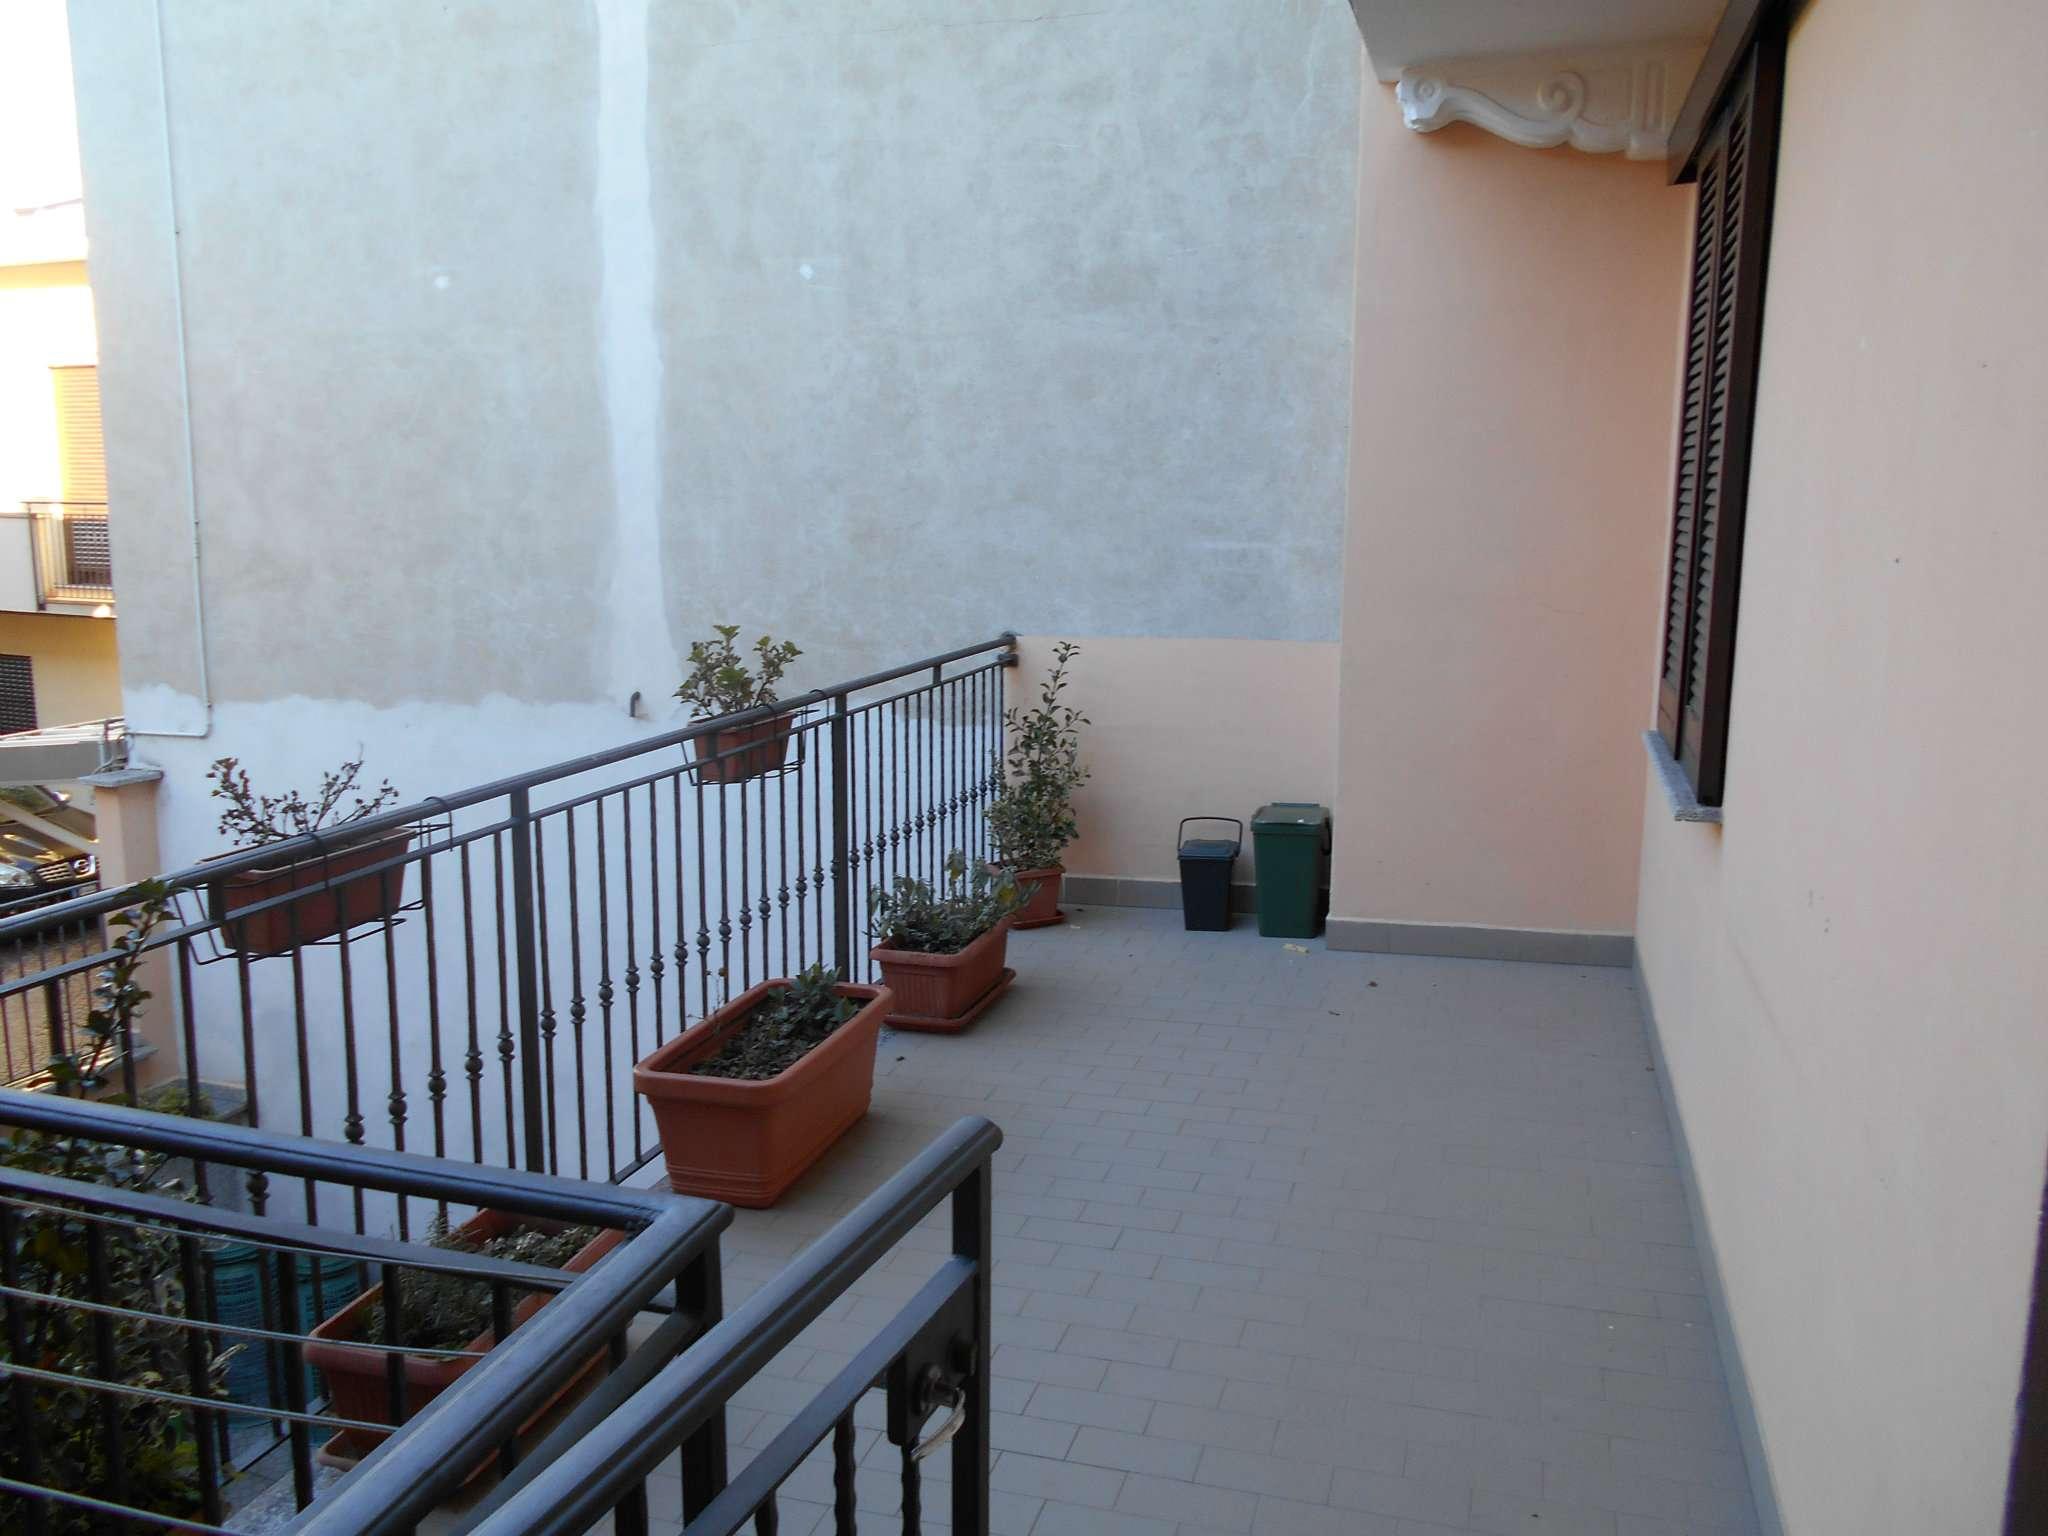 Appartamento in affitto a Cardano al Campo, 3 locali, prezzo € 600 | PortaleAgenzieImmobiliari.it